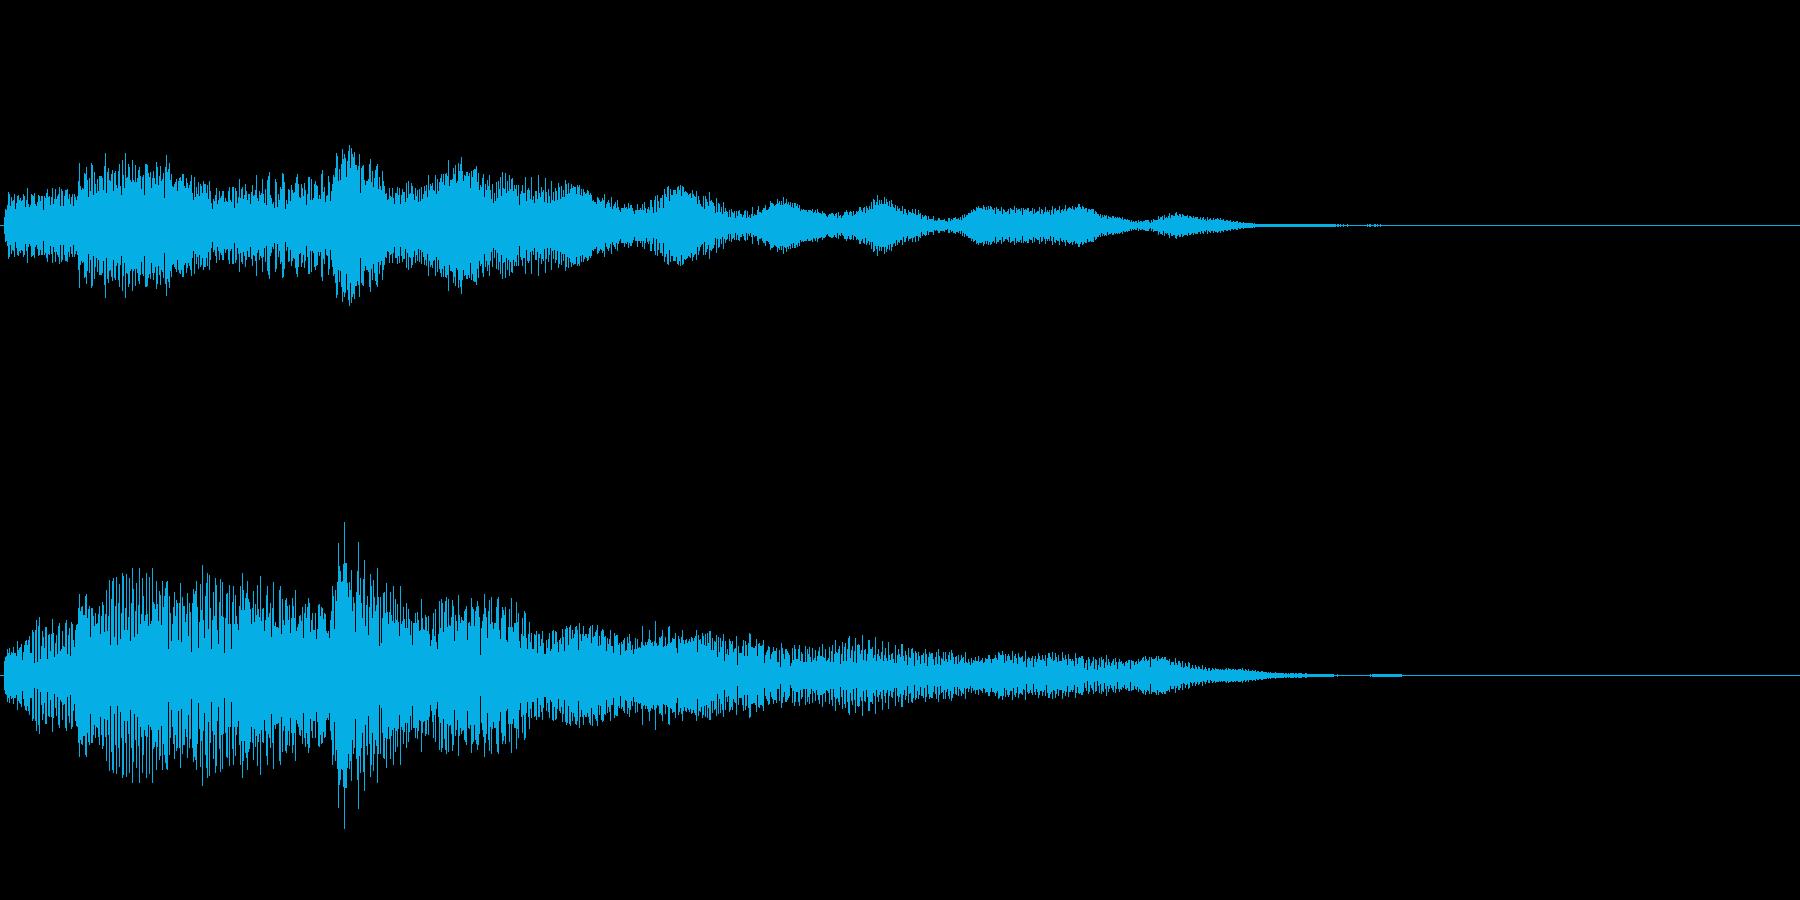 ピアノ、木琴(決定など何かが完結した音)の再生済みの波形